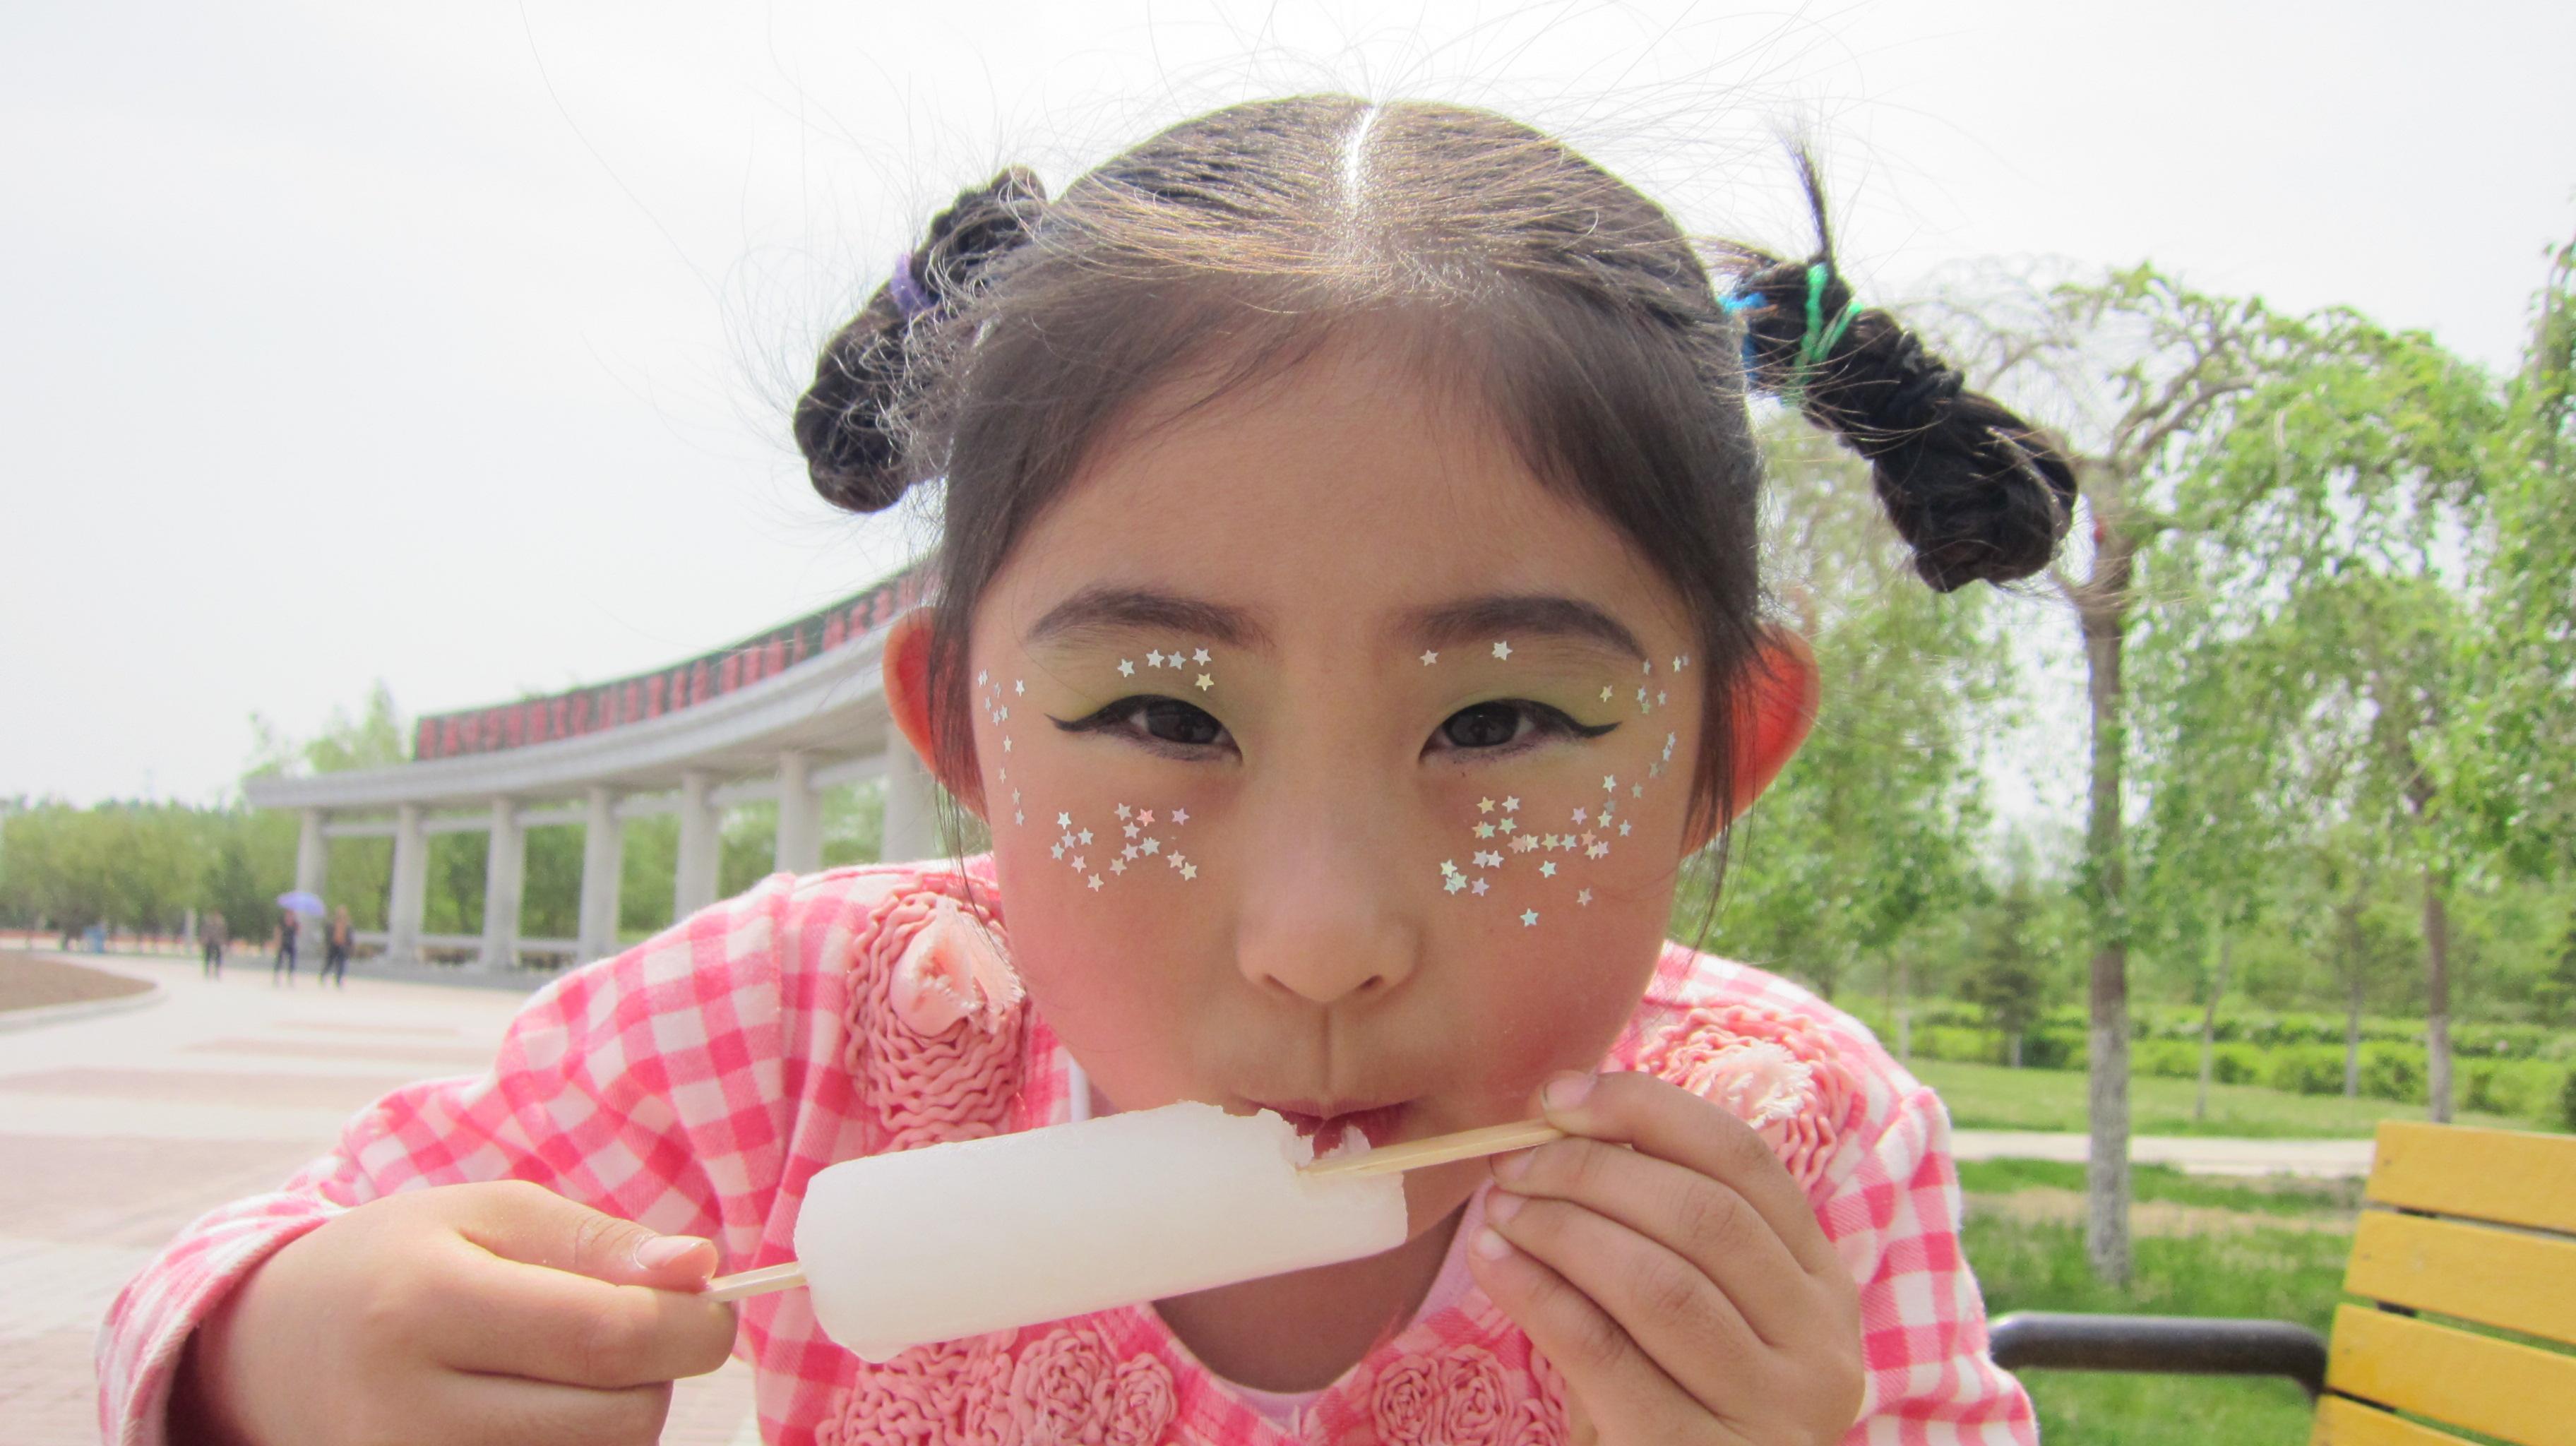 小艾六一儿童节化妆照